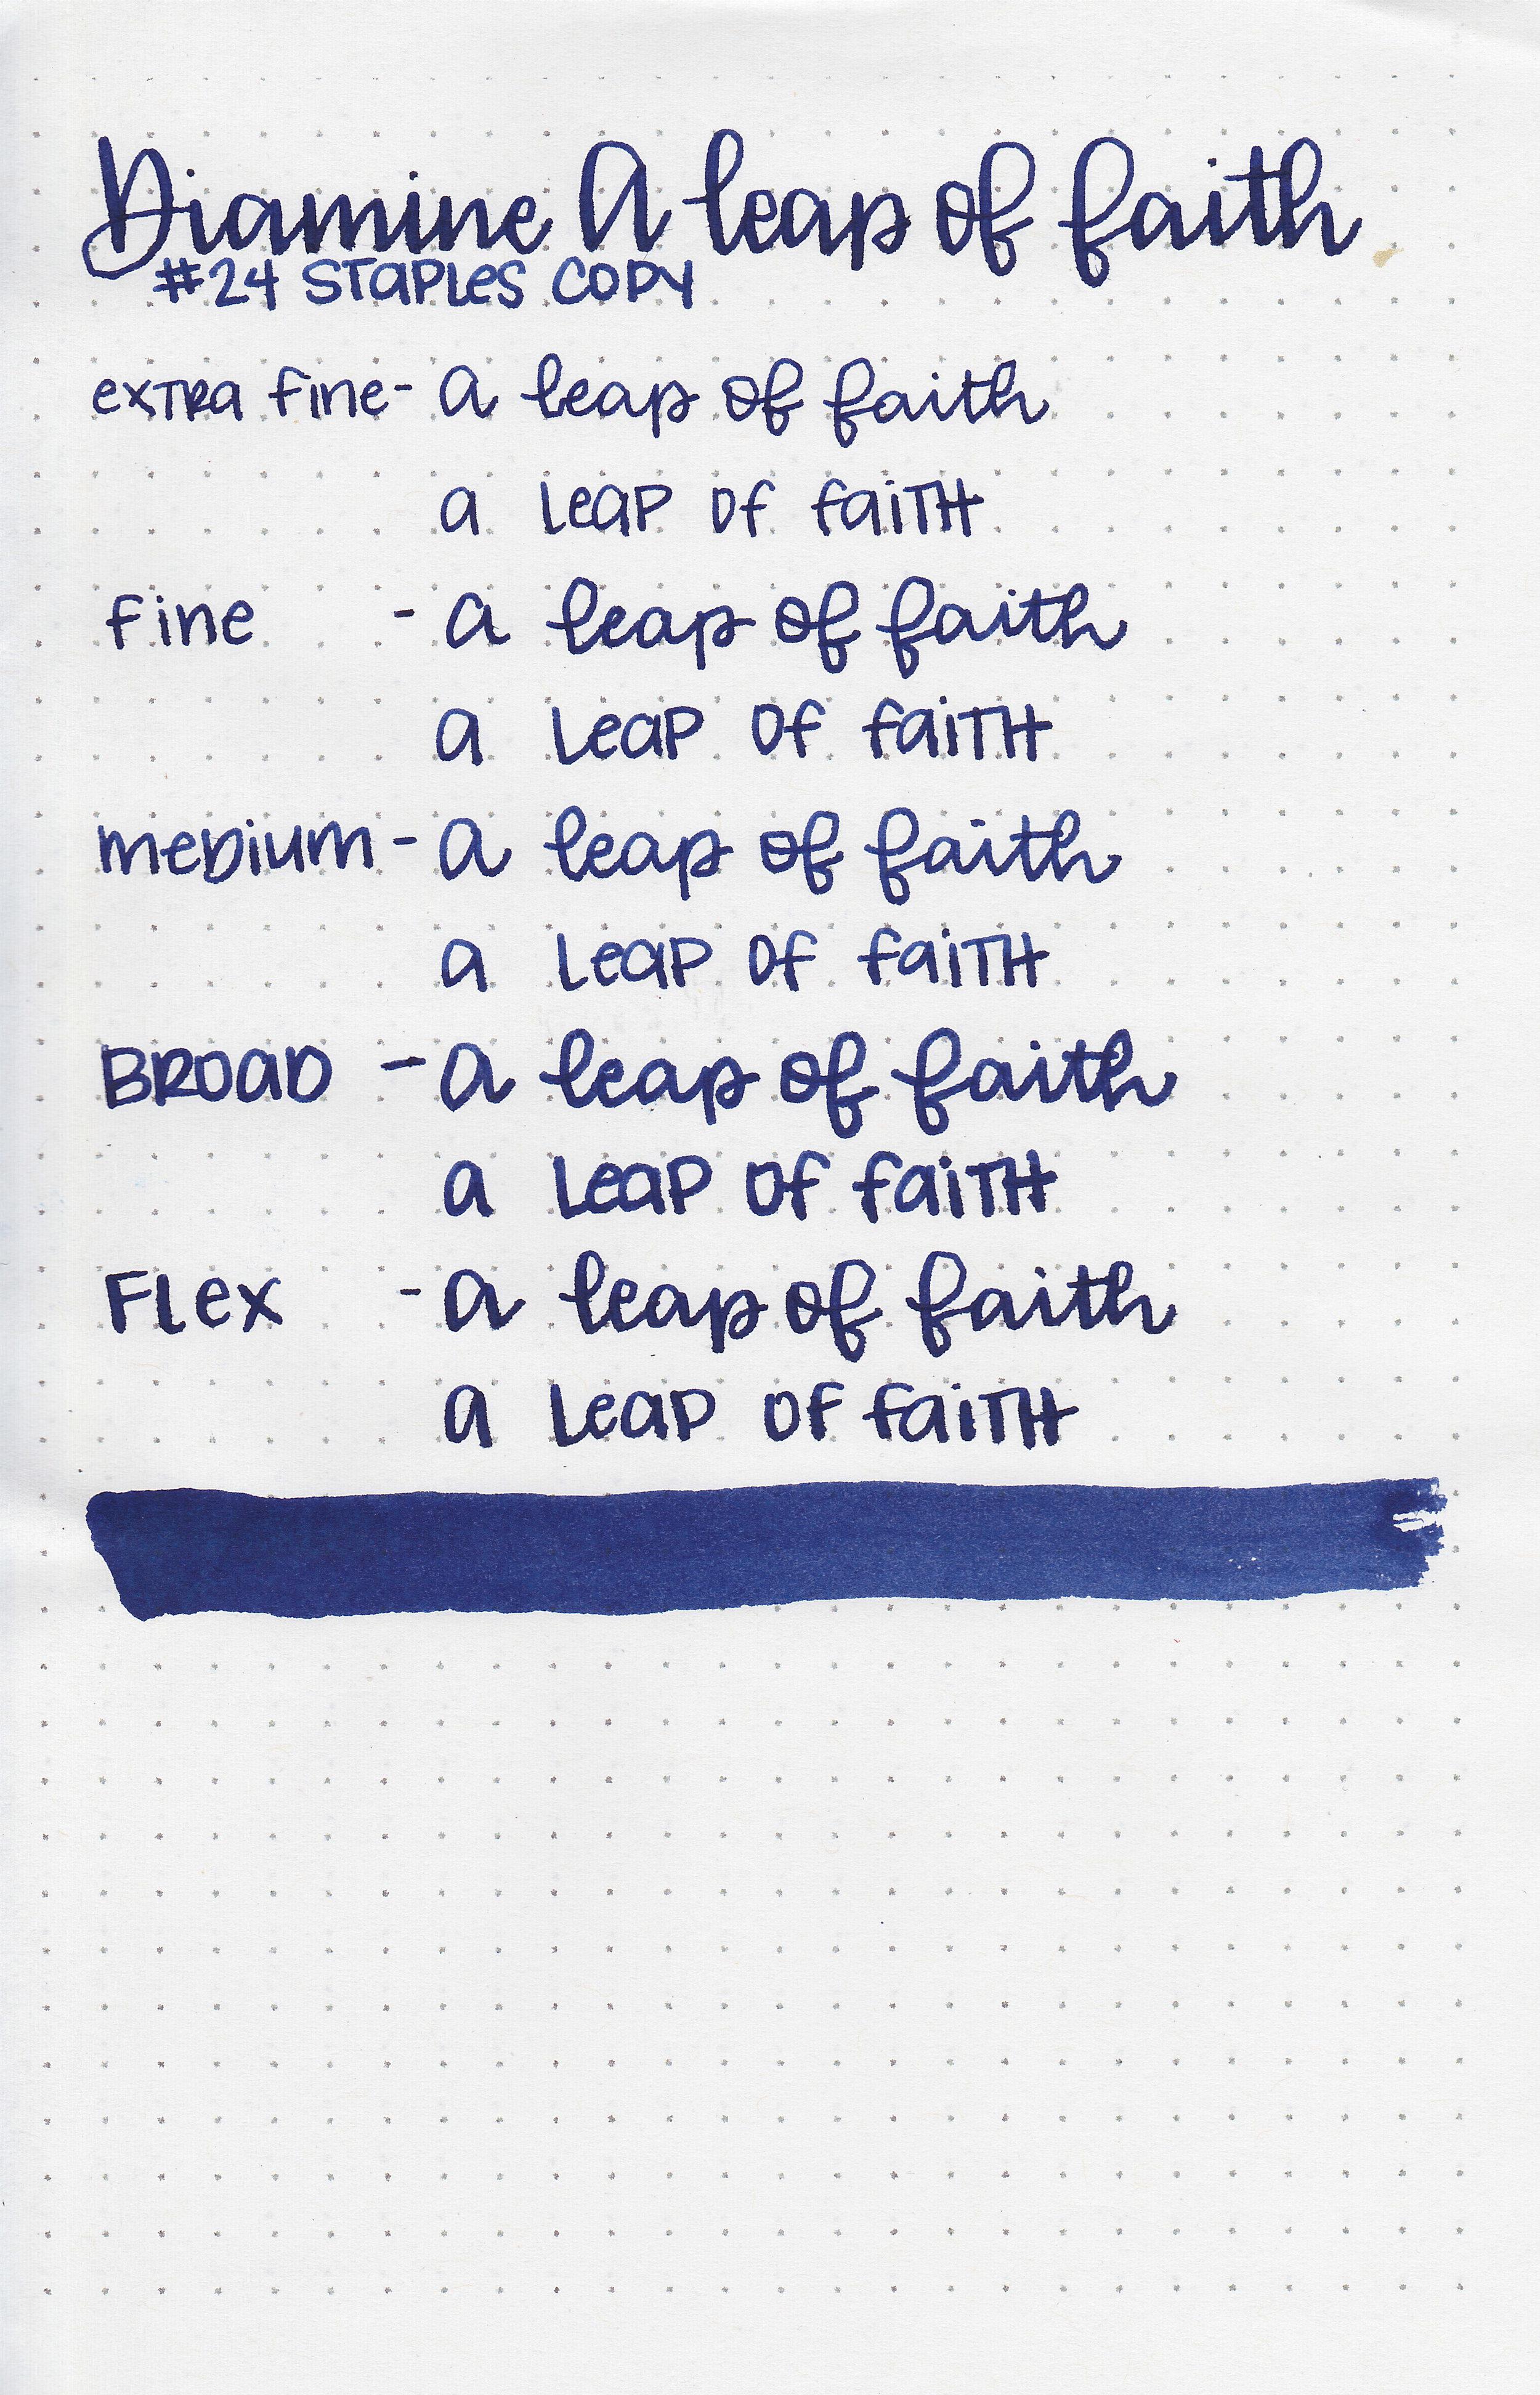 d-a-leap-of-faith-13.jpg